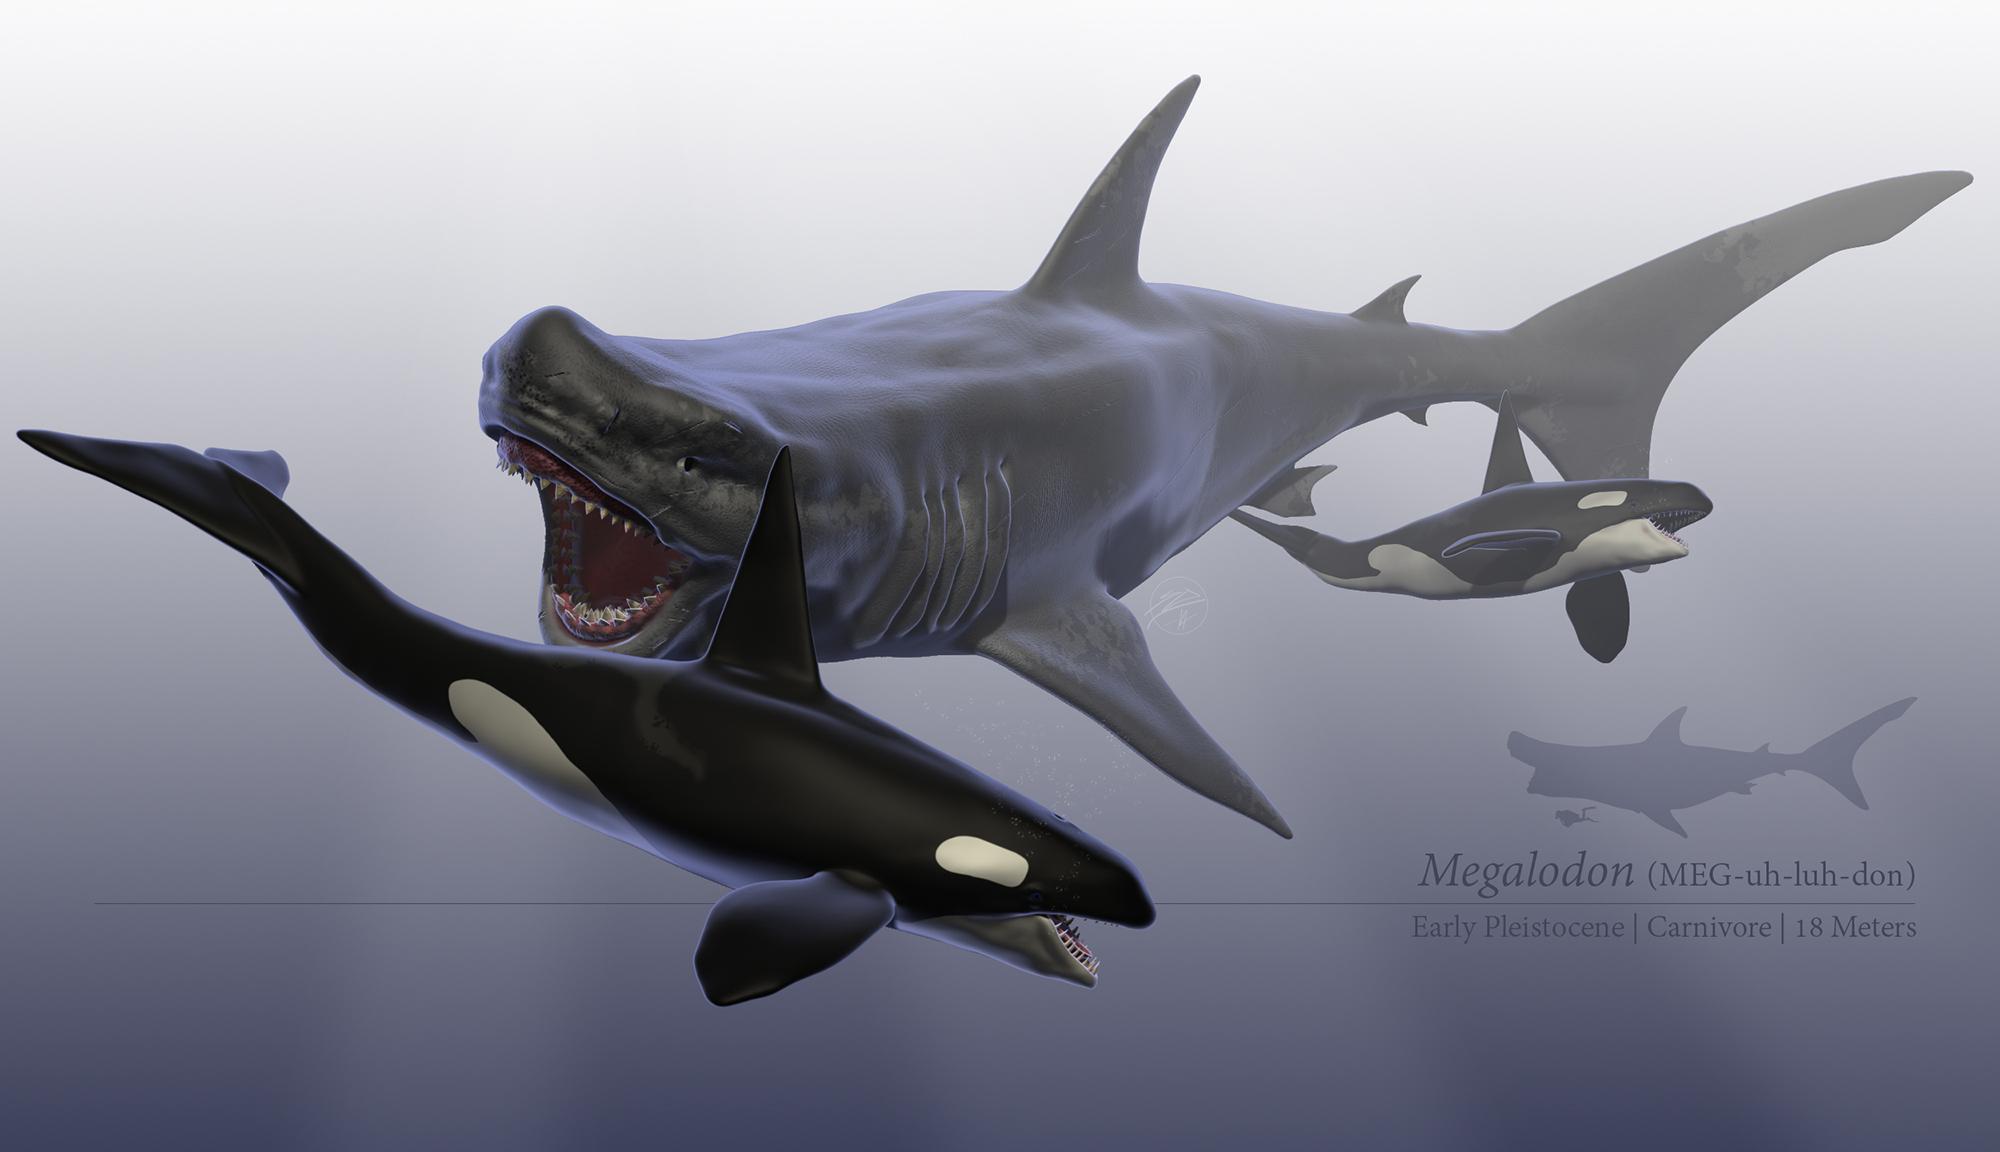 Megalodon by sdavis75